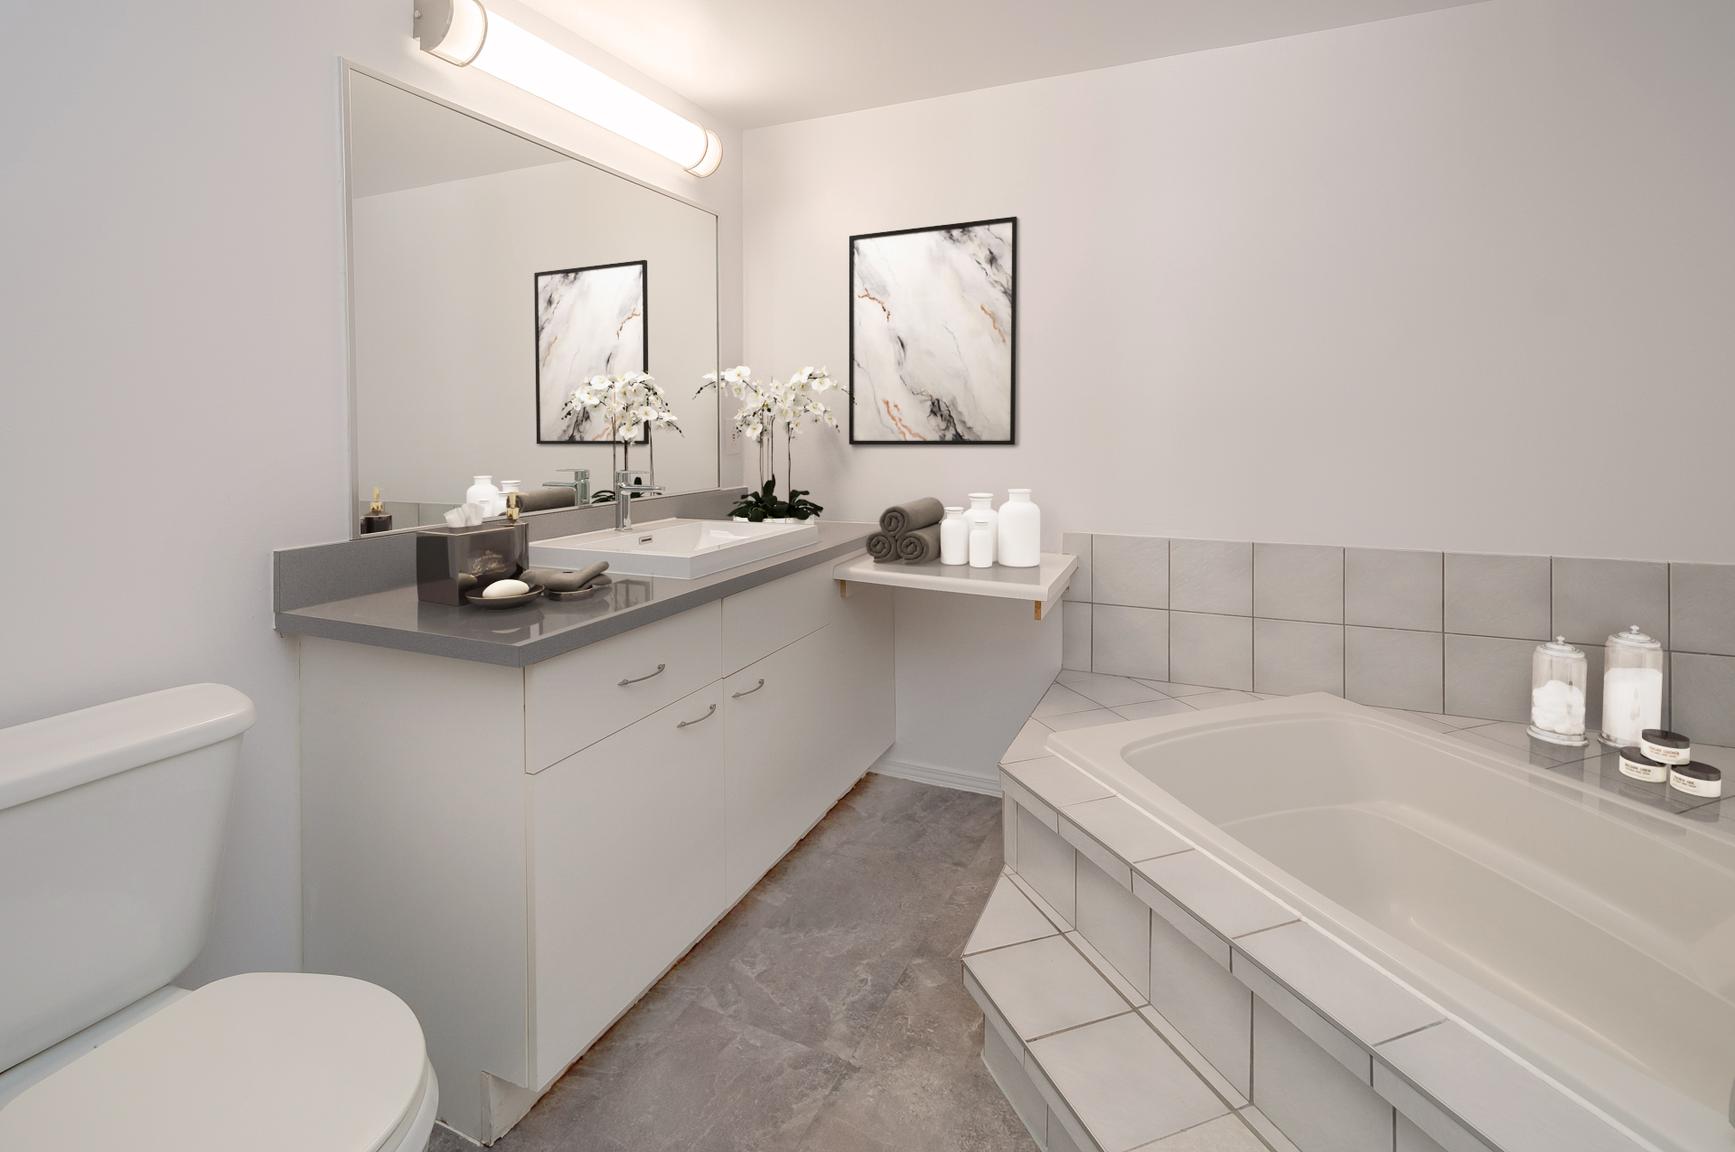 1 bedroom Apartments for rent in Quebec City at Les Appartements du Verdier - Photo 22 - RentersPages – L407122